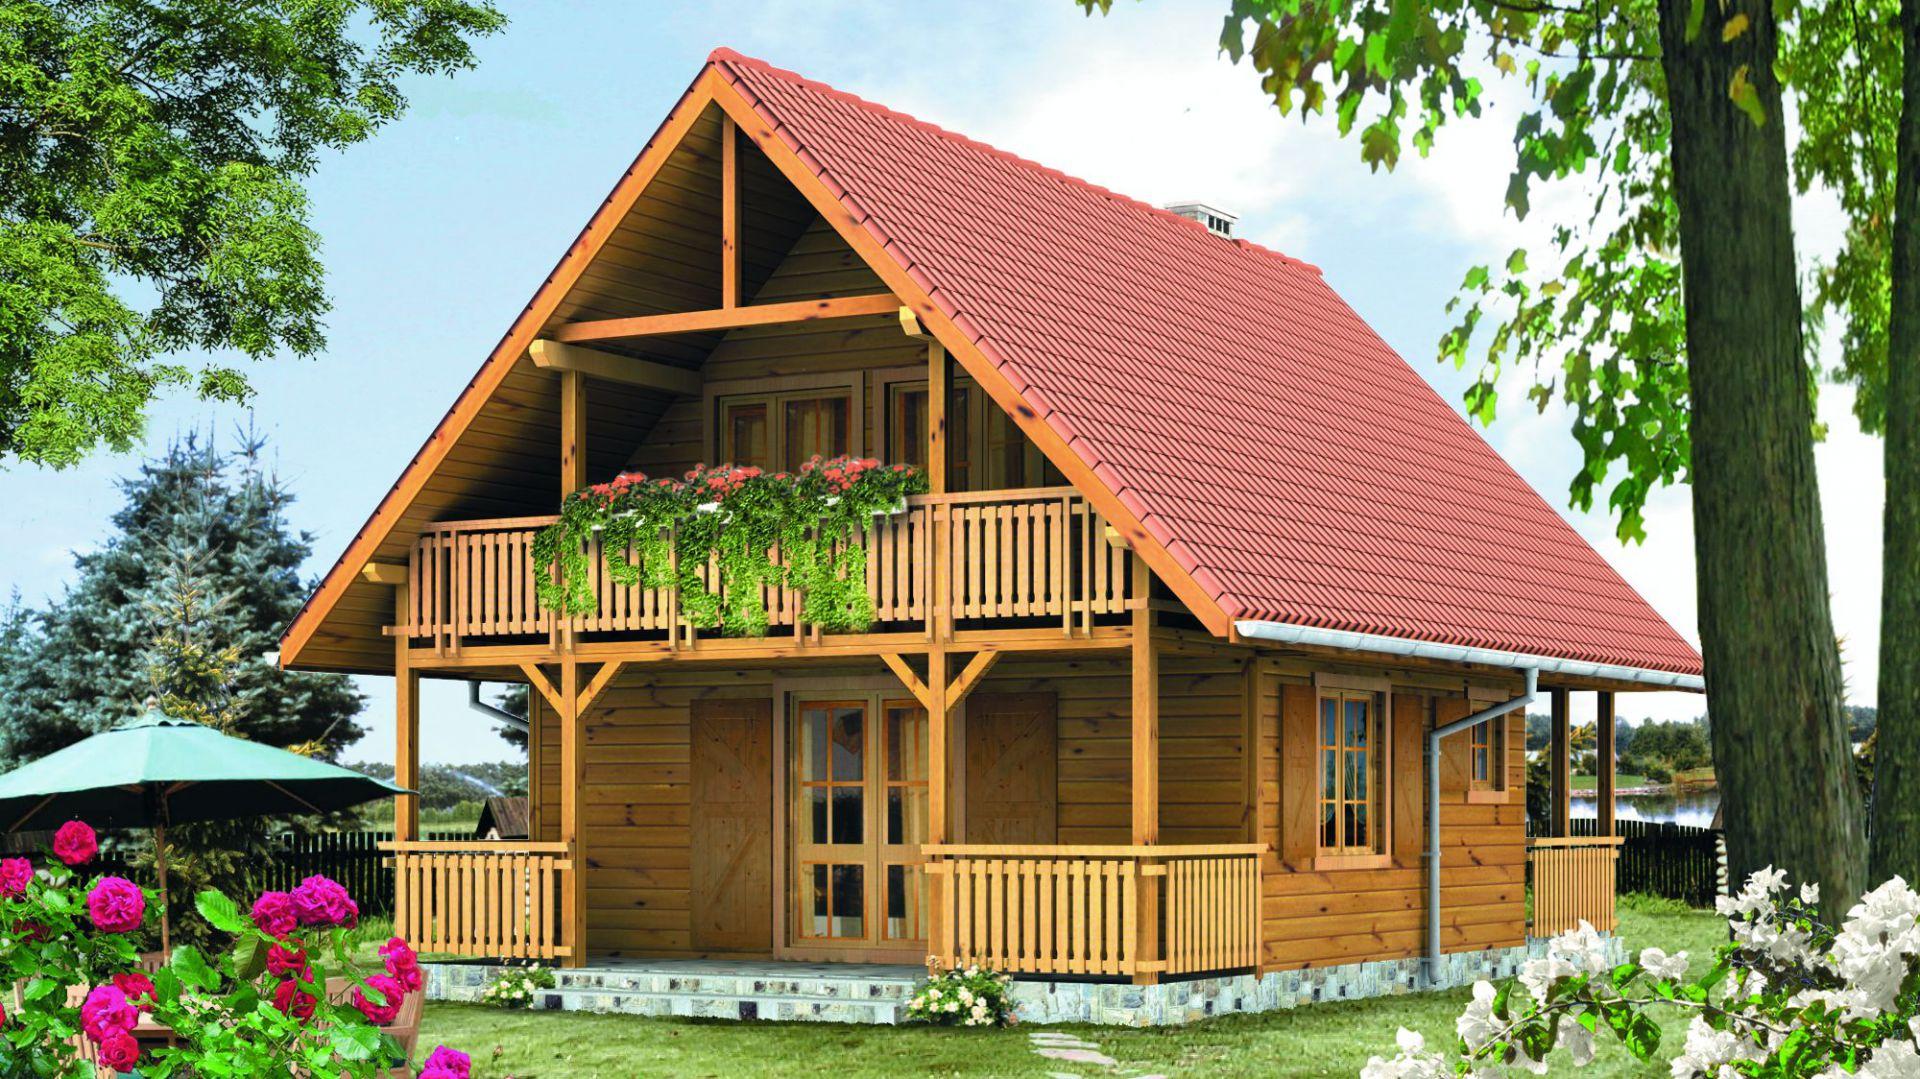 Zadaszony taras i balkon pozwolą cieszyć się wypoczynkiem na świeżym powietrzu. Projekt: arch. Tomasz Sobieszuk. Fot. Biuro Projektów MTM Styl